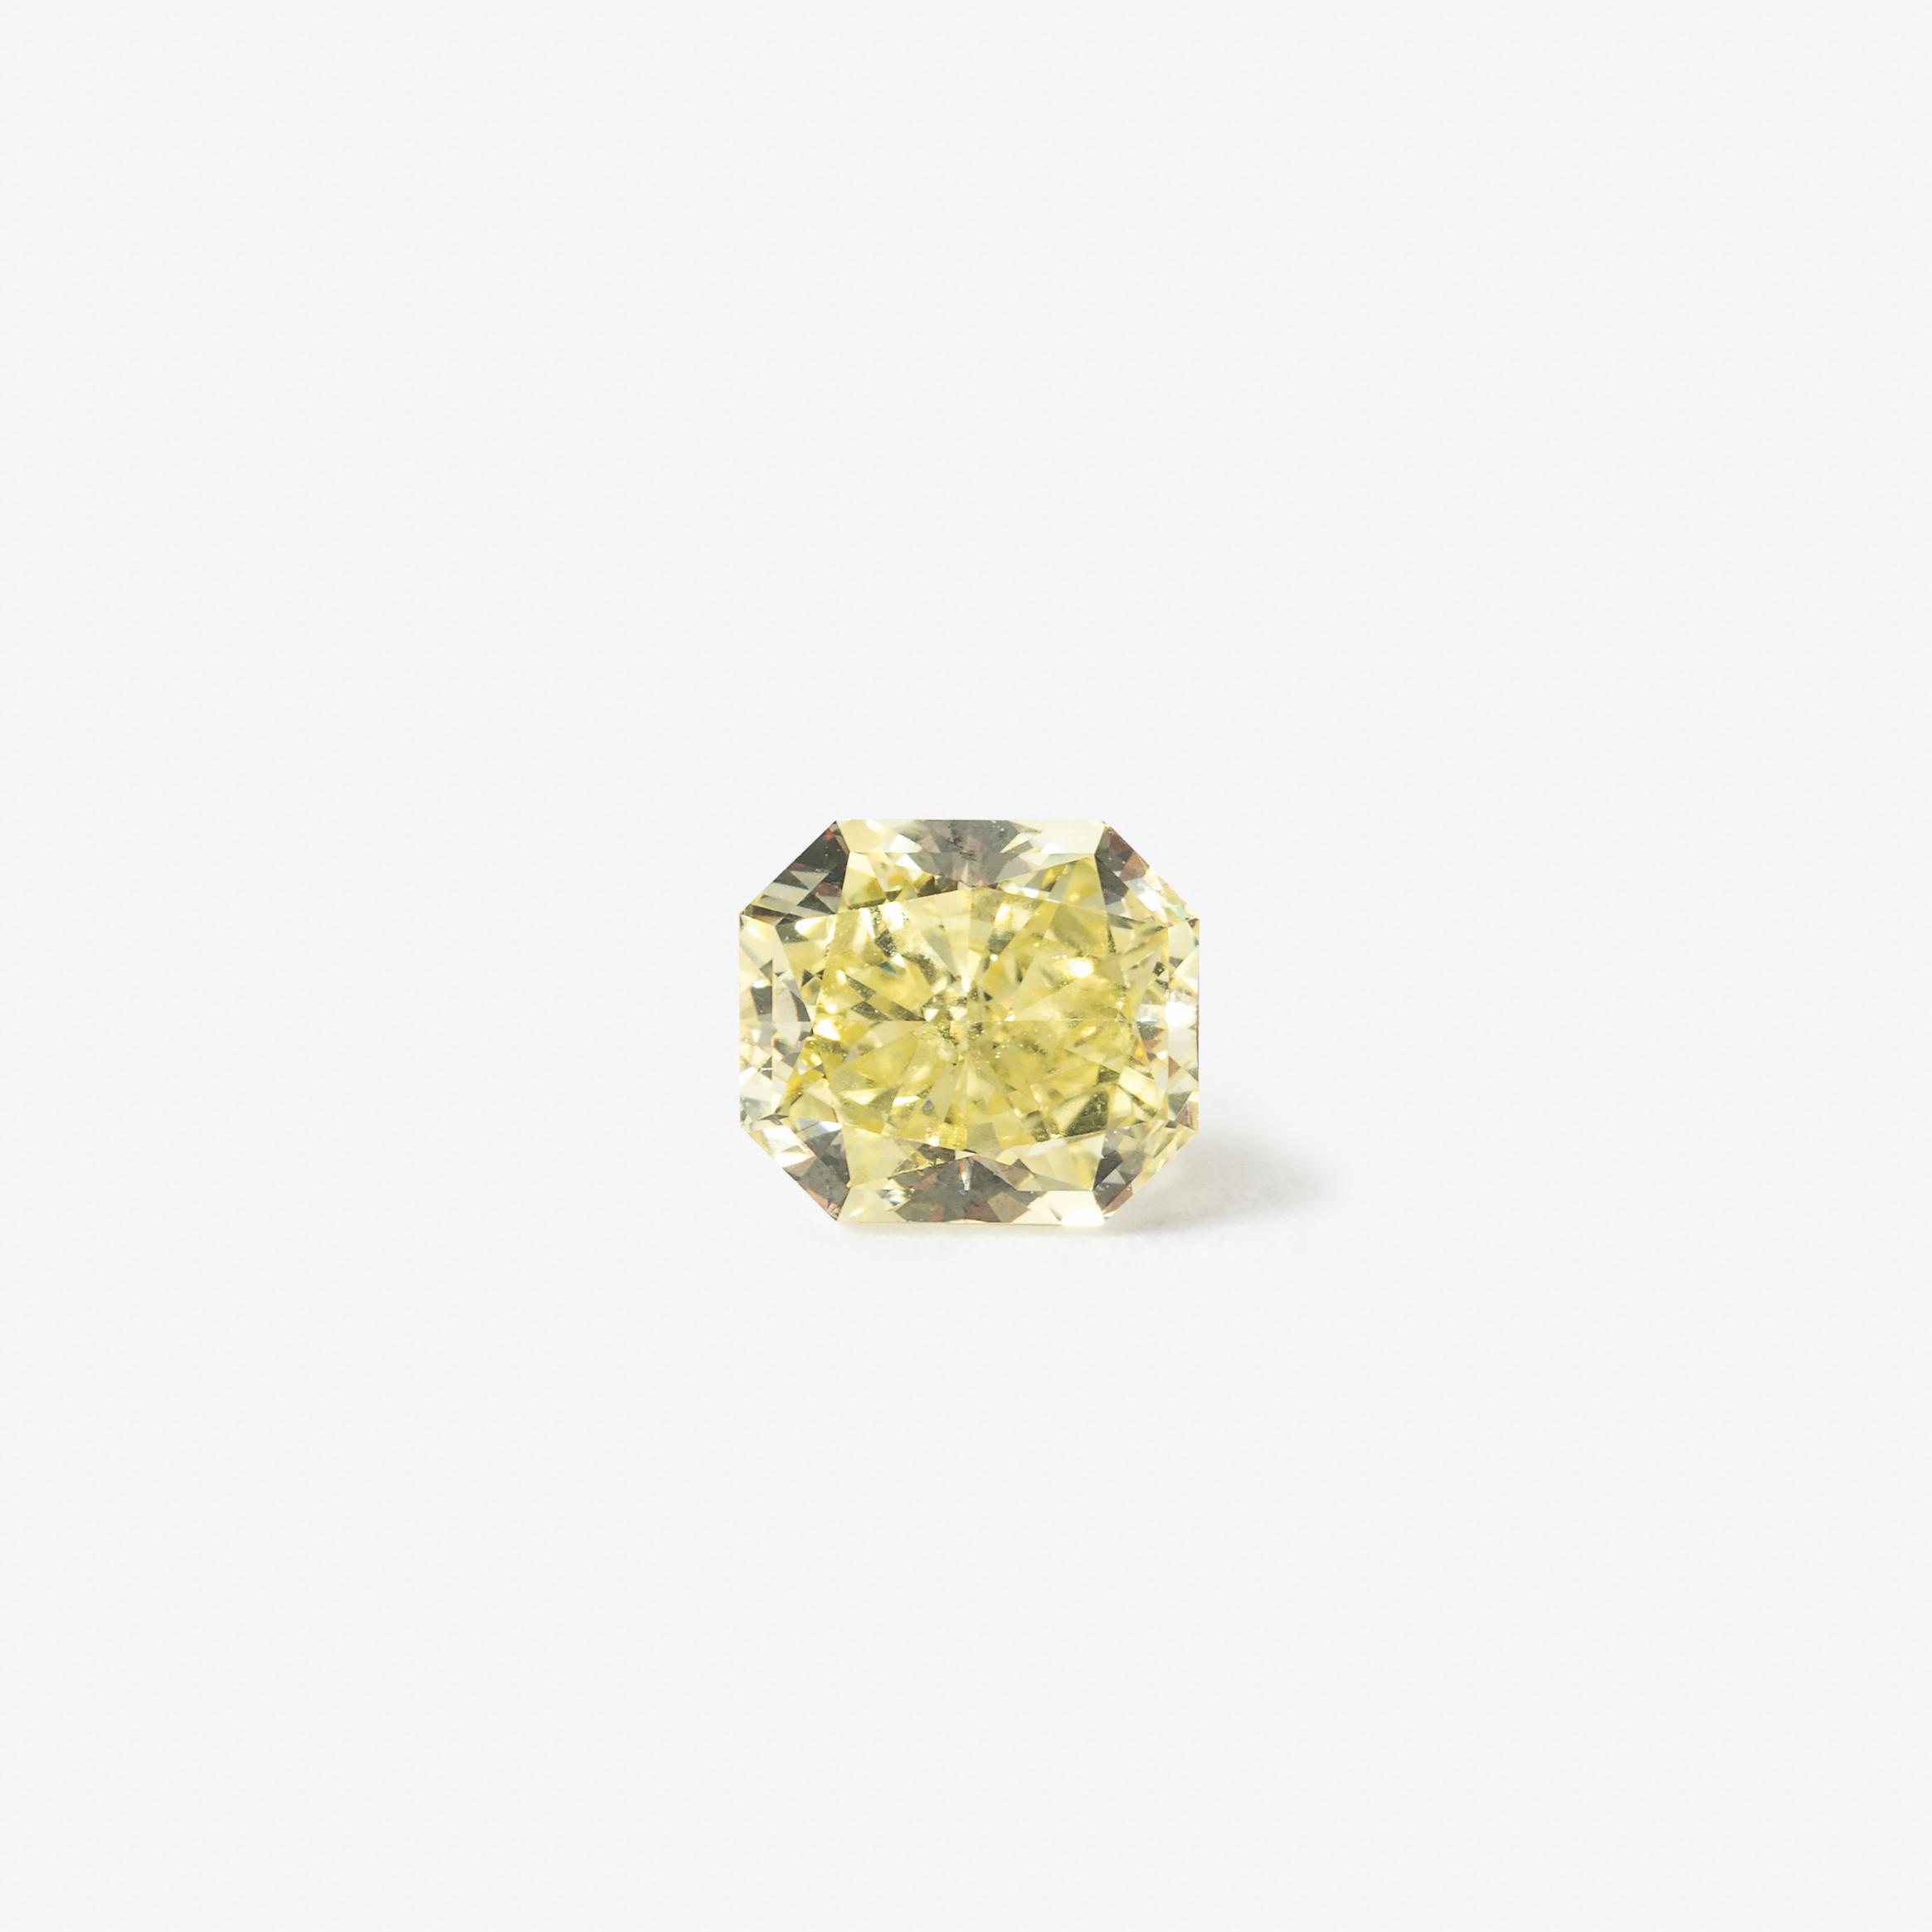 Diamant im rechteckigen Brillantschliff von 1,15 ct GIA-Zertifikat: Cut-Cornered Rectangular Modified Brilliant, Natural, Fancy Intense Yellow, Even, VSI, numbered GIA 2155133729, 20. Juni 2015 Schätzpreis: 6.000-8.000 Euro